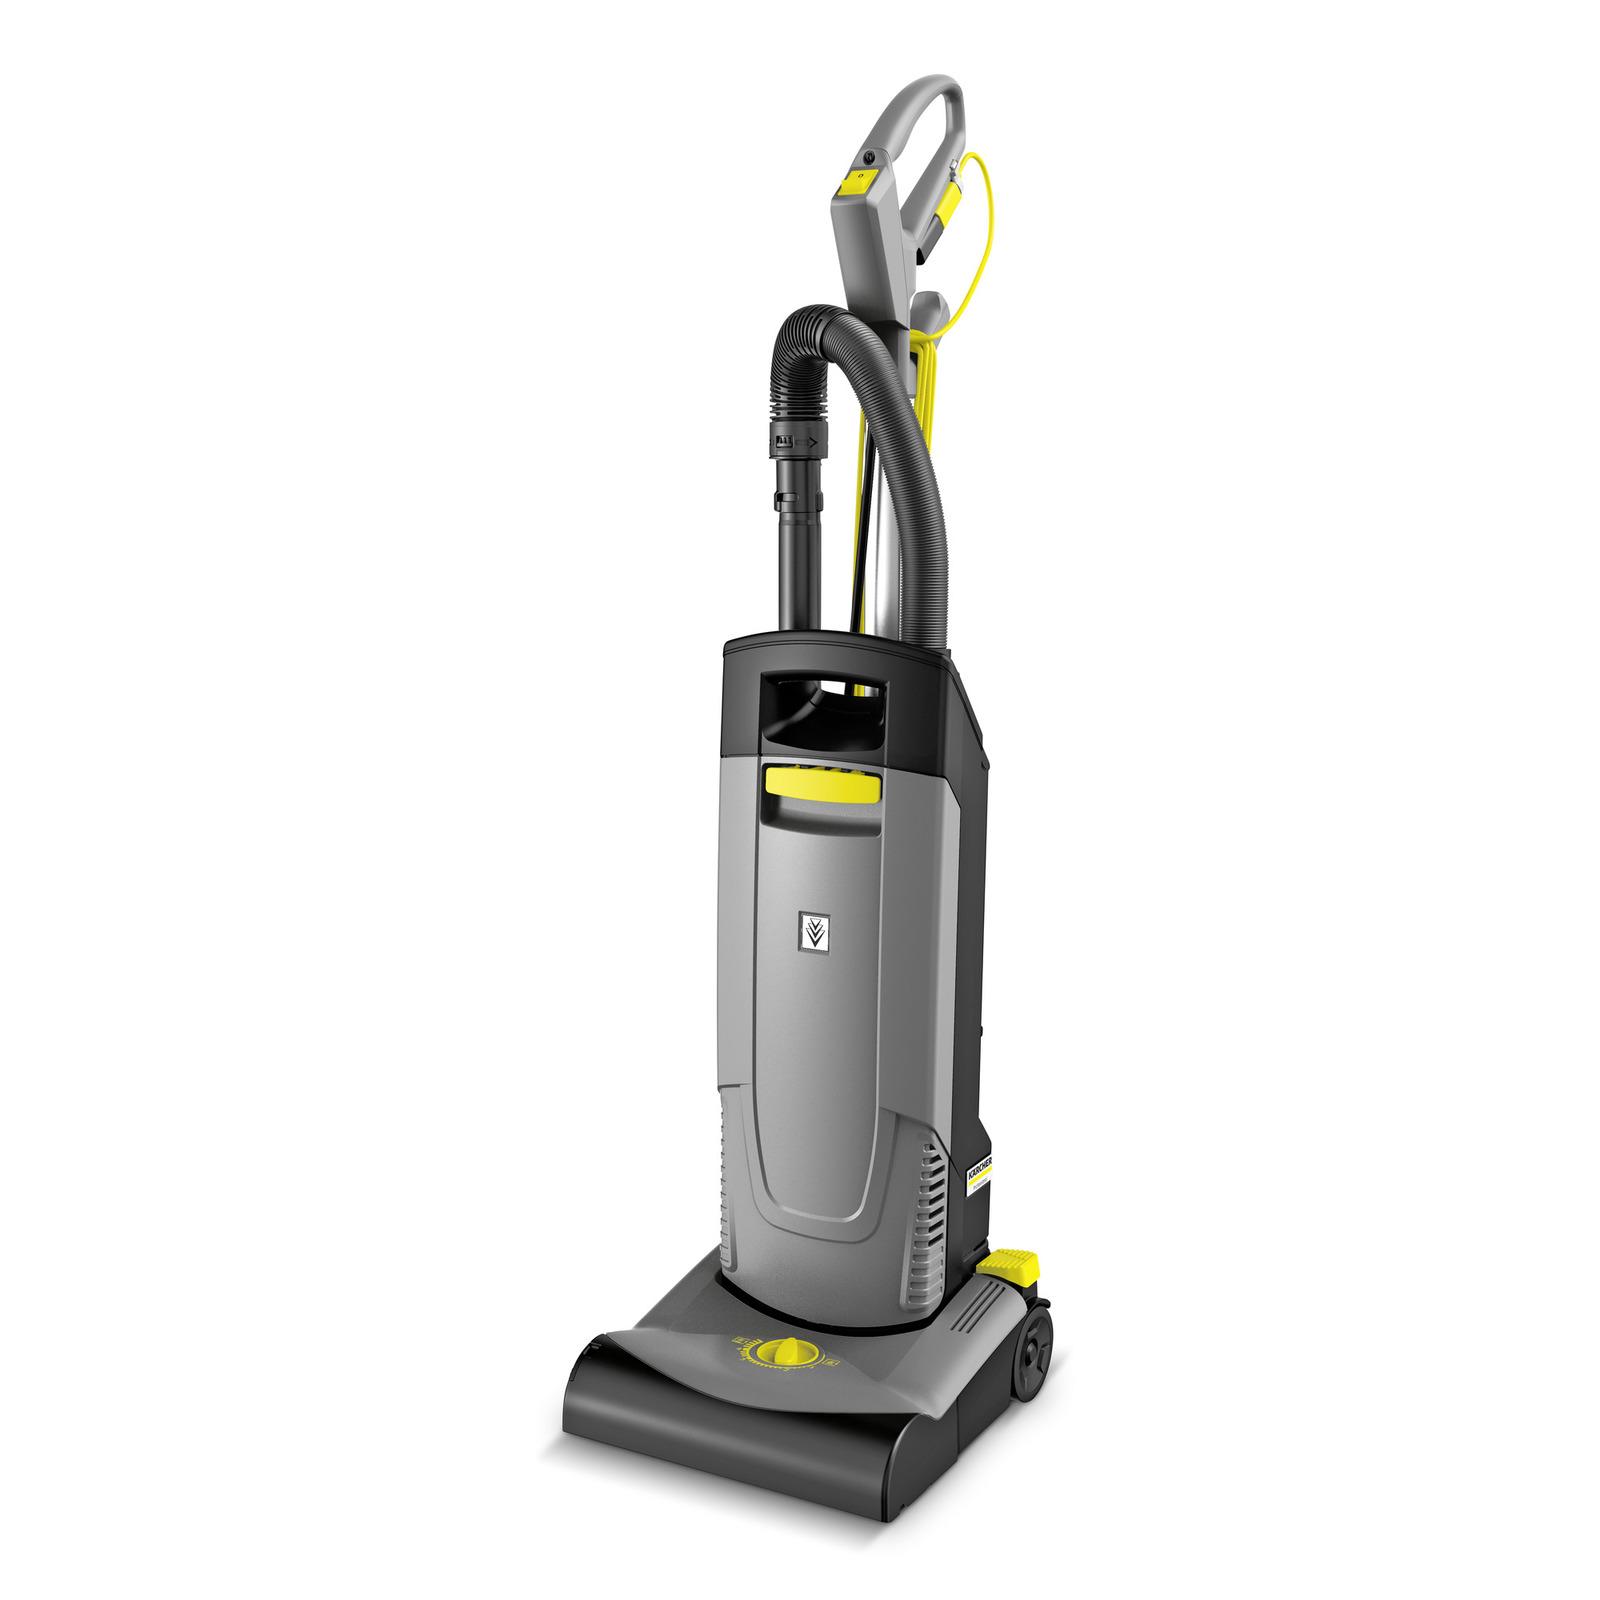 16fc02ef47f Upright brush-type vacuum cleaner CV 30 1